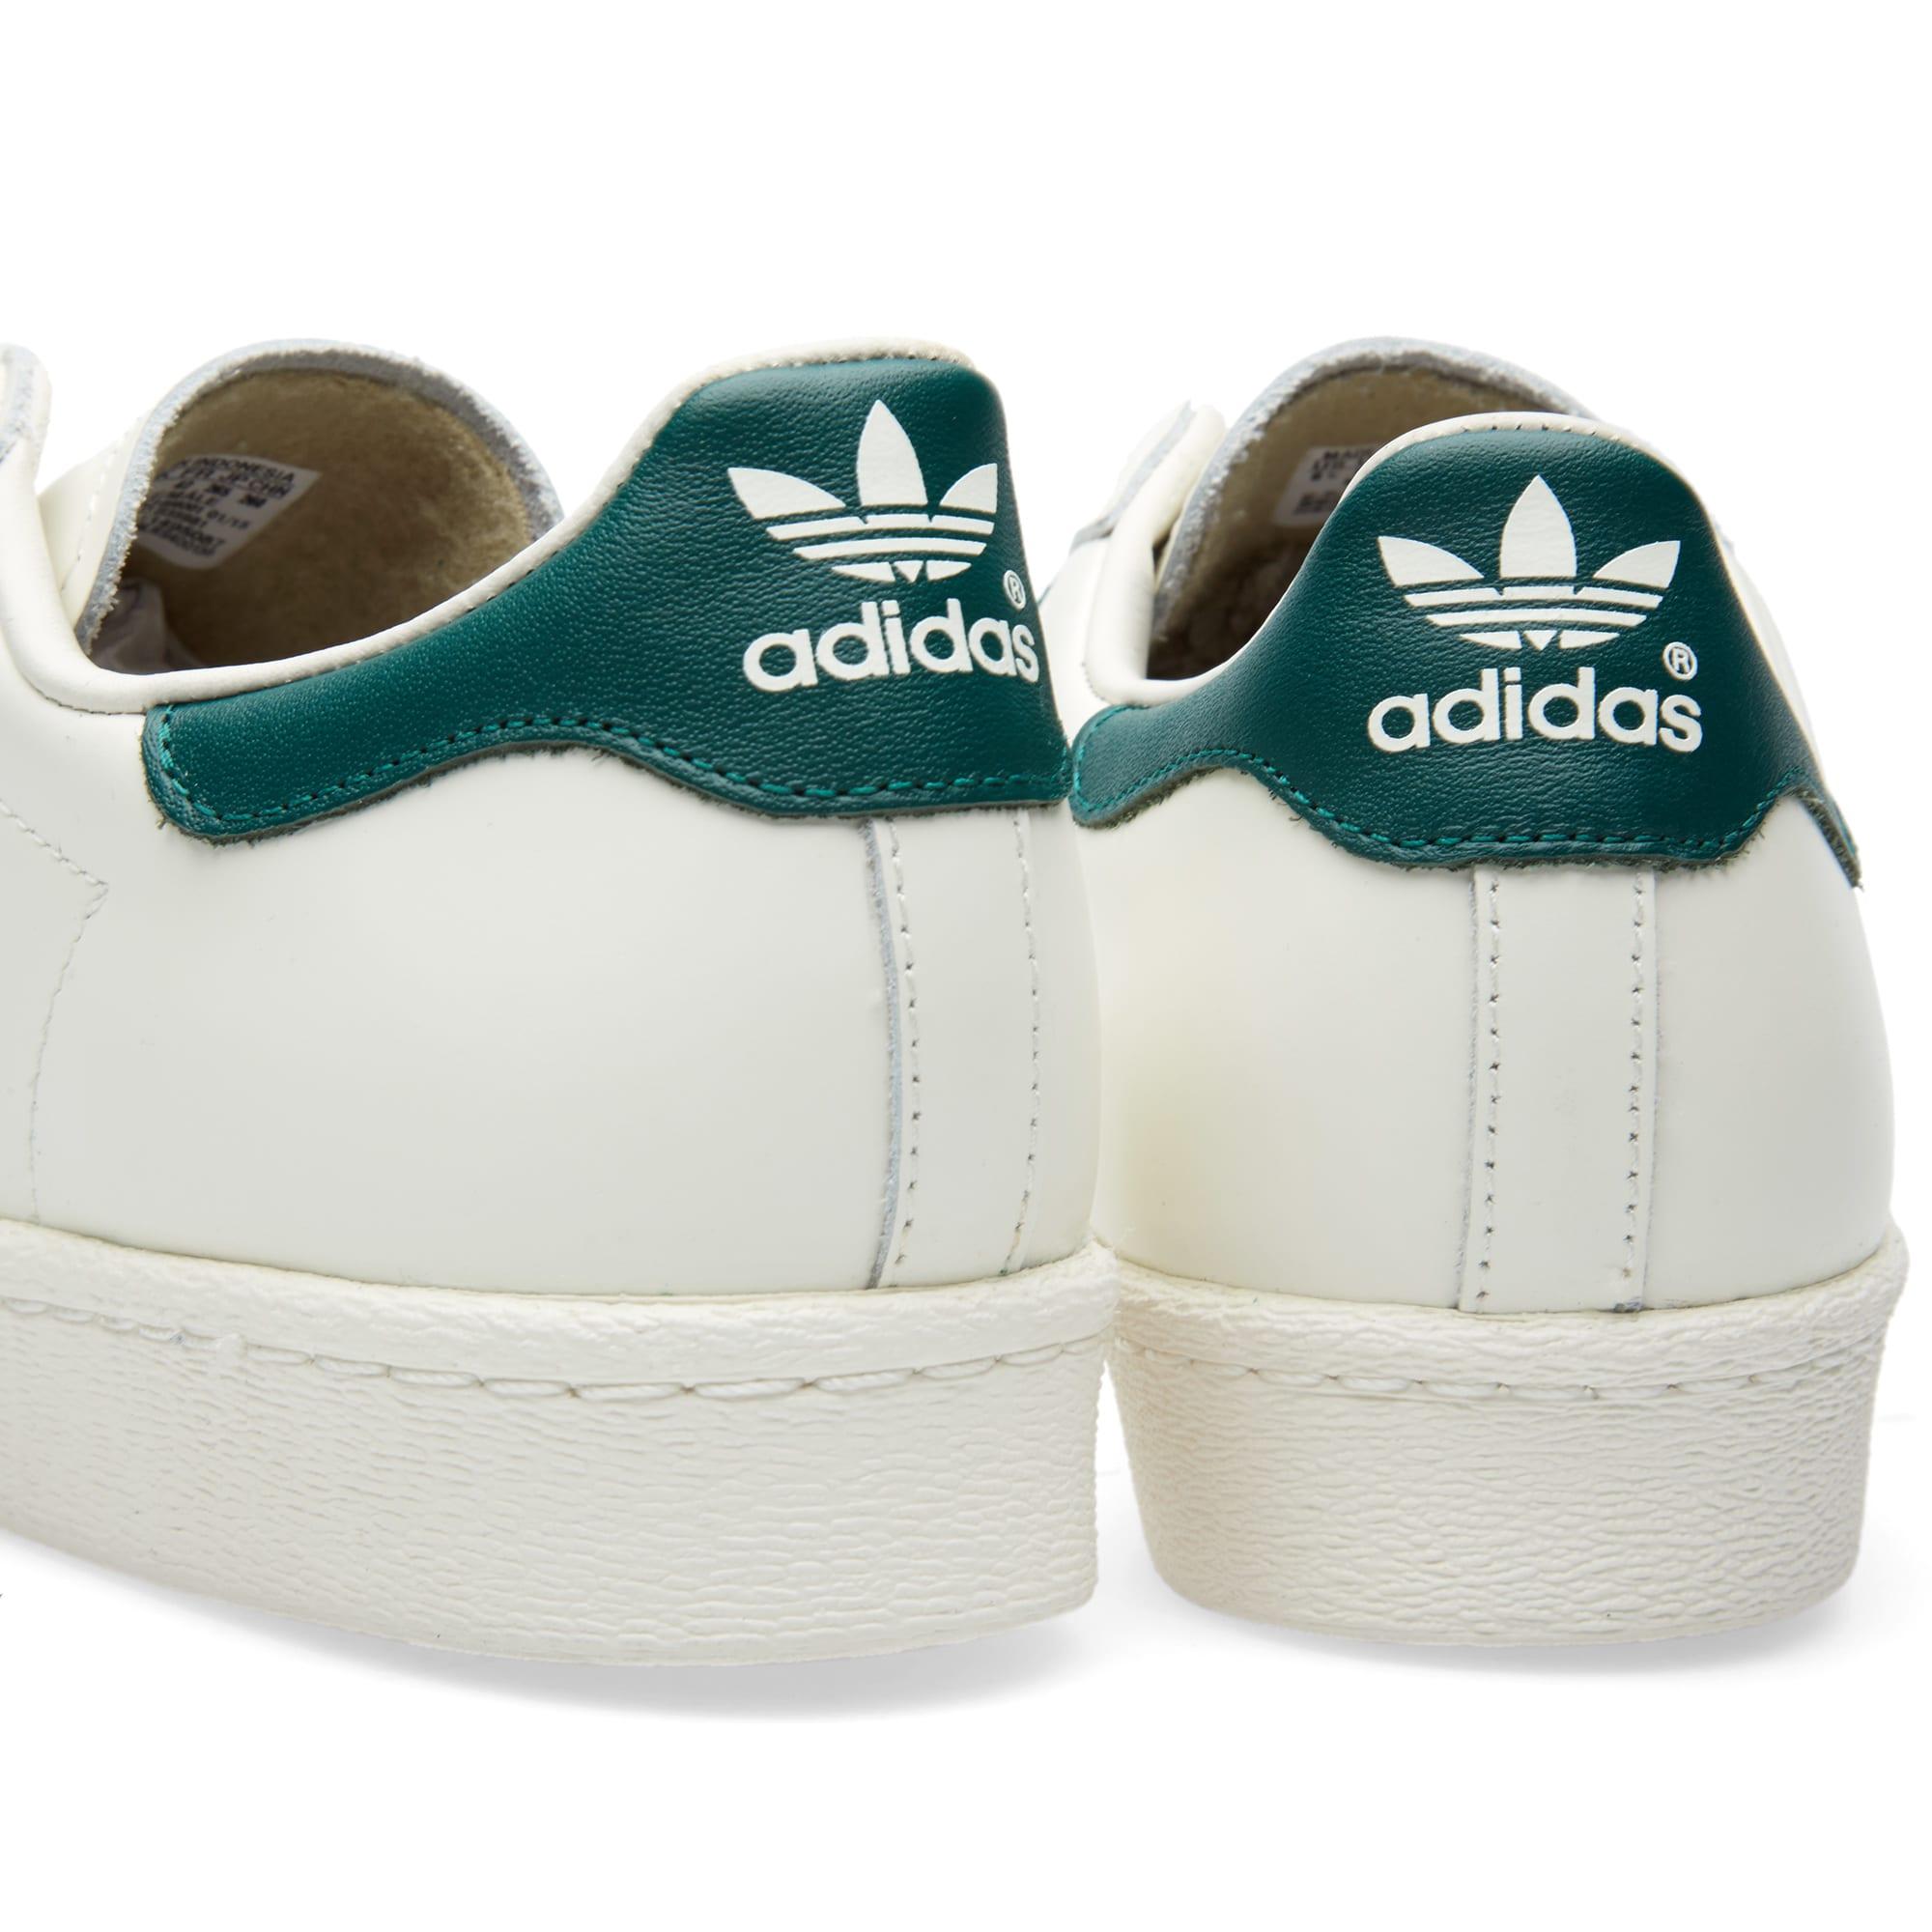 ADIDAS SUPERSTARS SNEAKER Schuhe 43 13 weiß Retro white Three Stripes